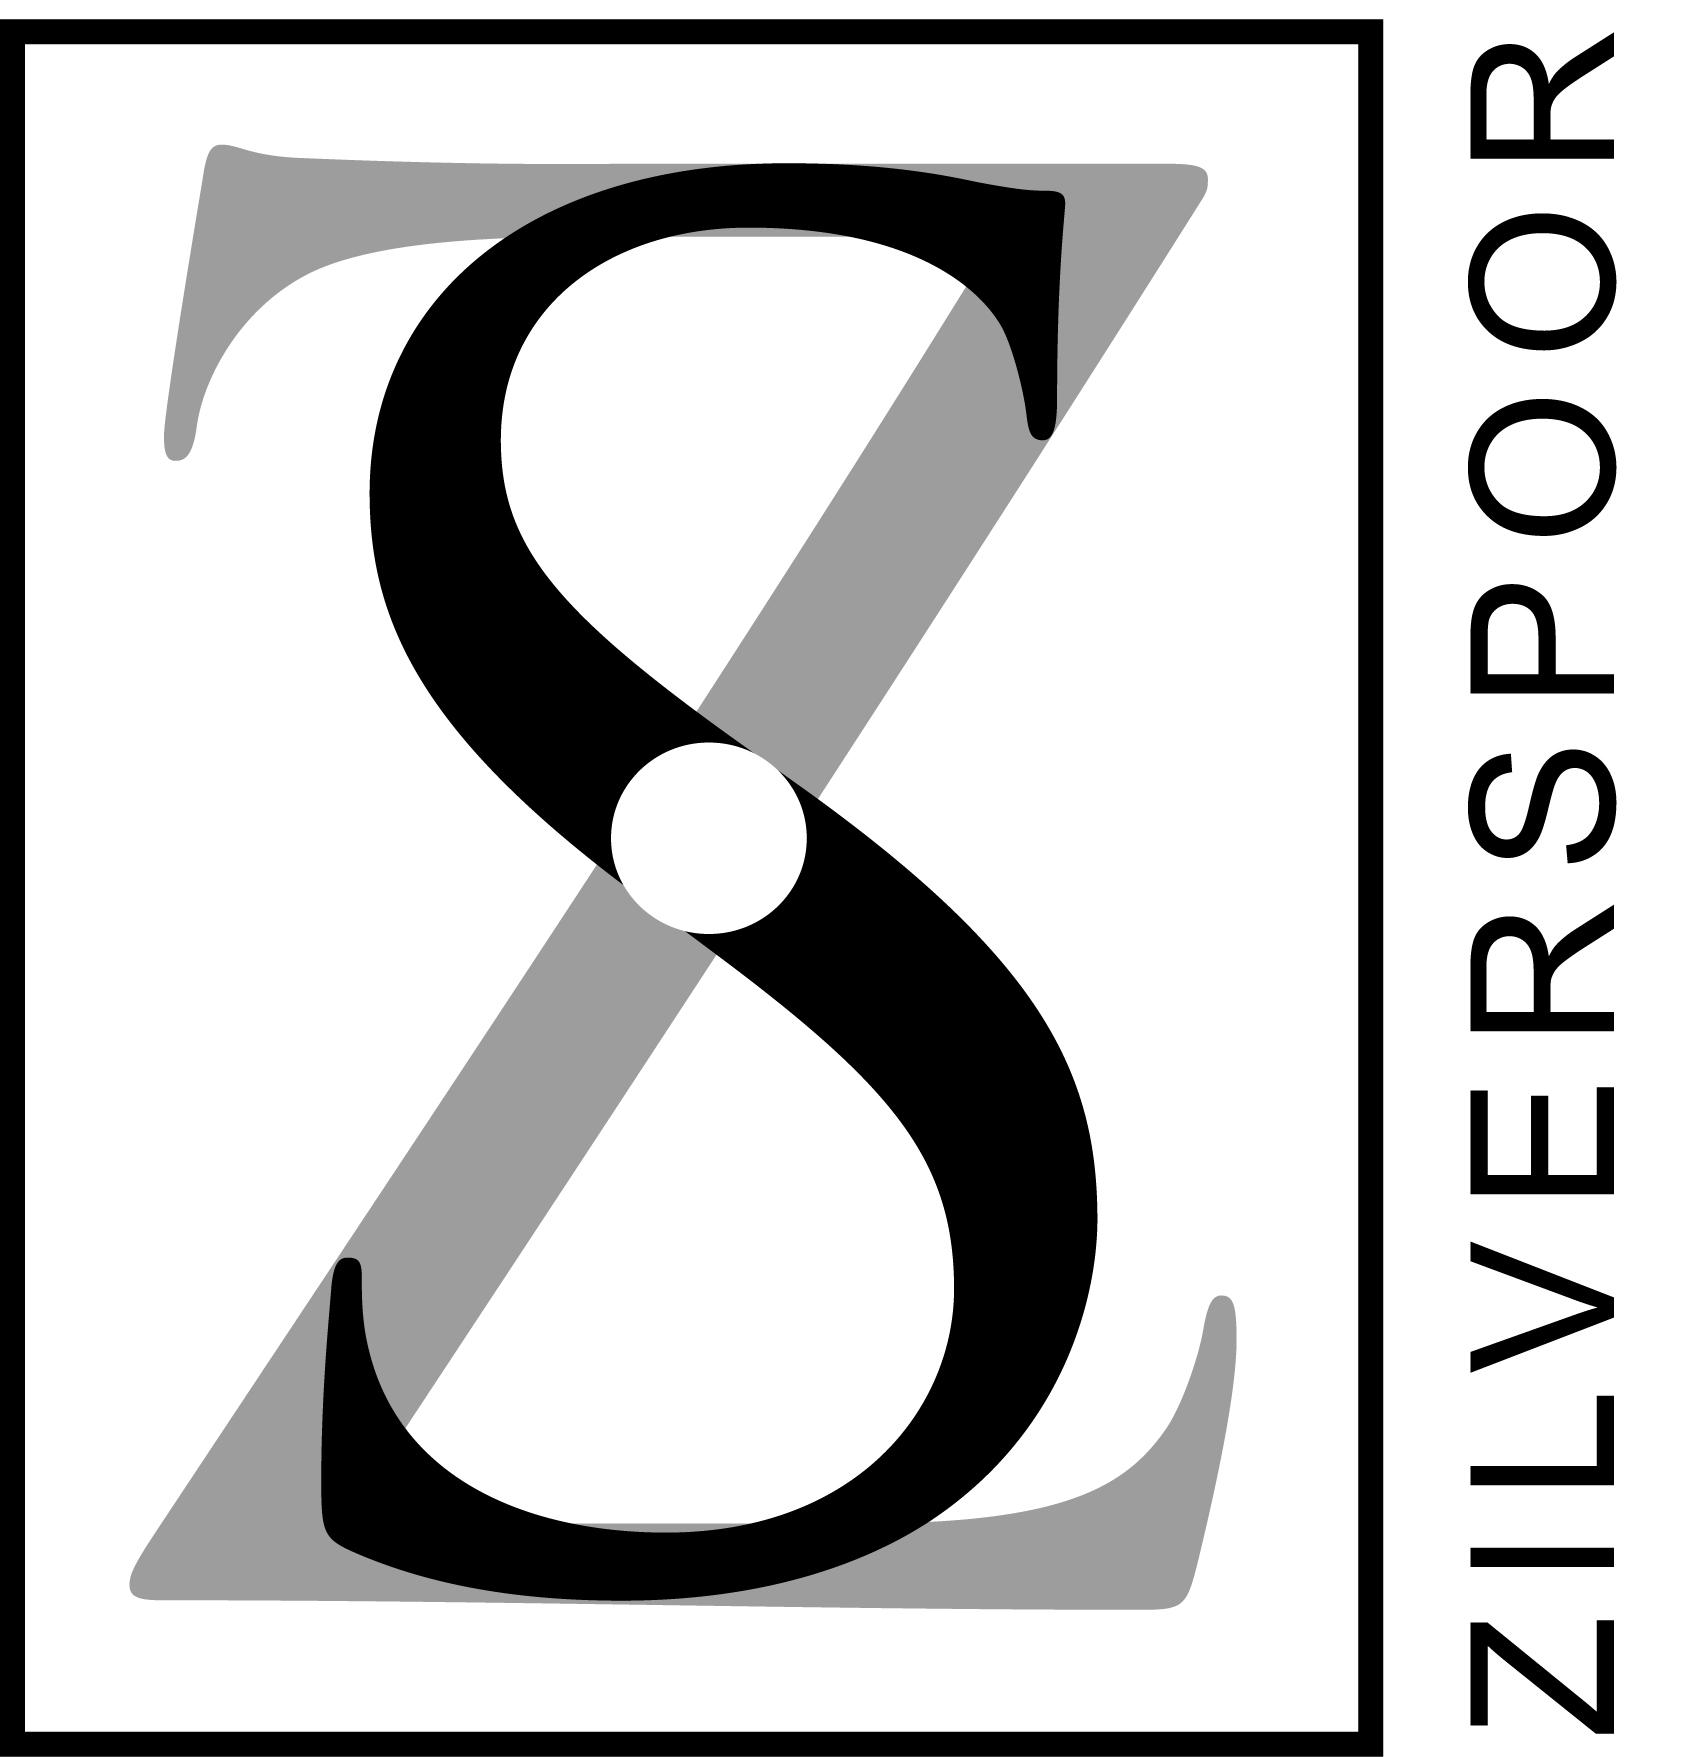 772d424640-zilverspoor_logo_text